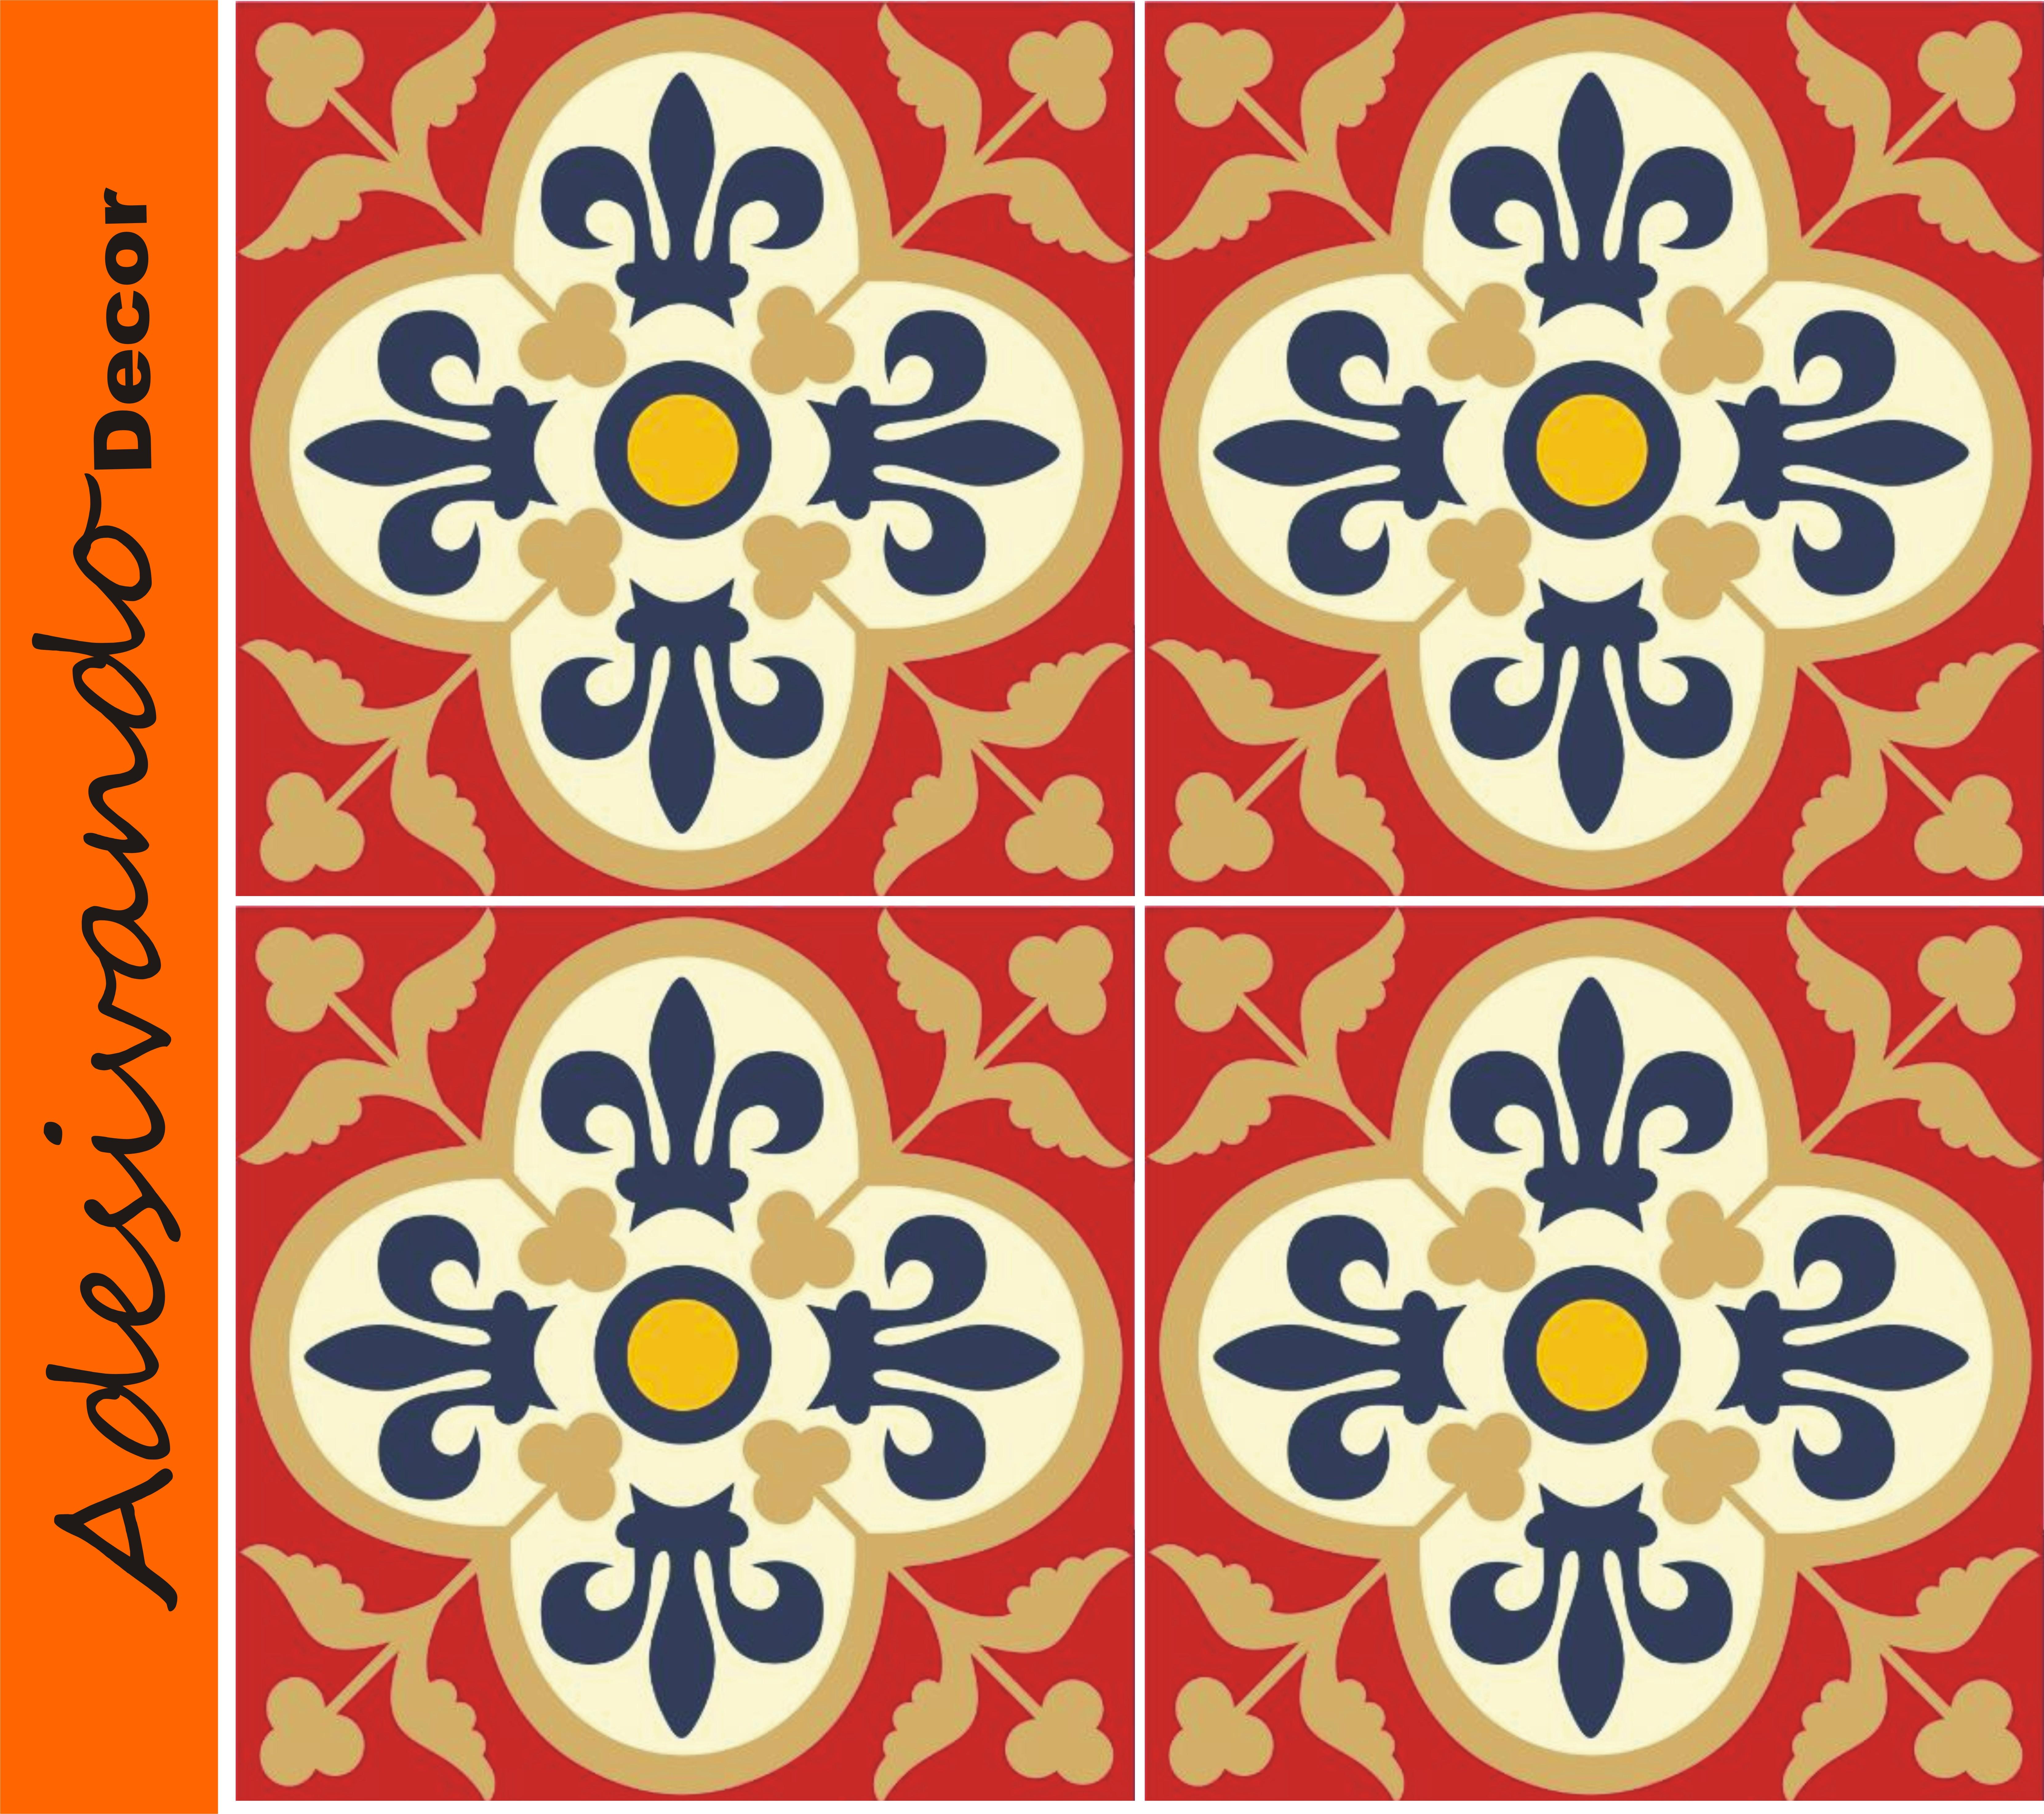 adesivo azulejo portugues 15x15cm adesivo de banheiro adesivo azulejo  #C55006 6644x5895 Banheiro Azulejo Portugues